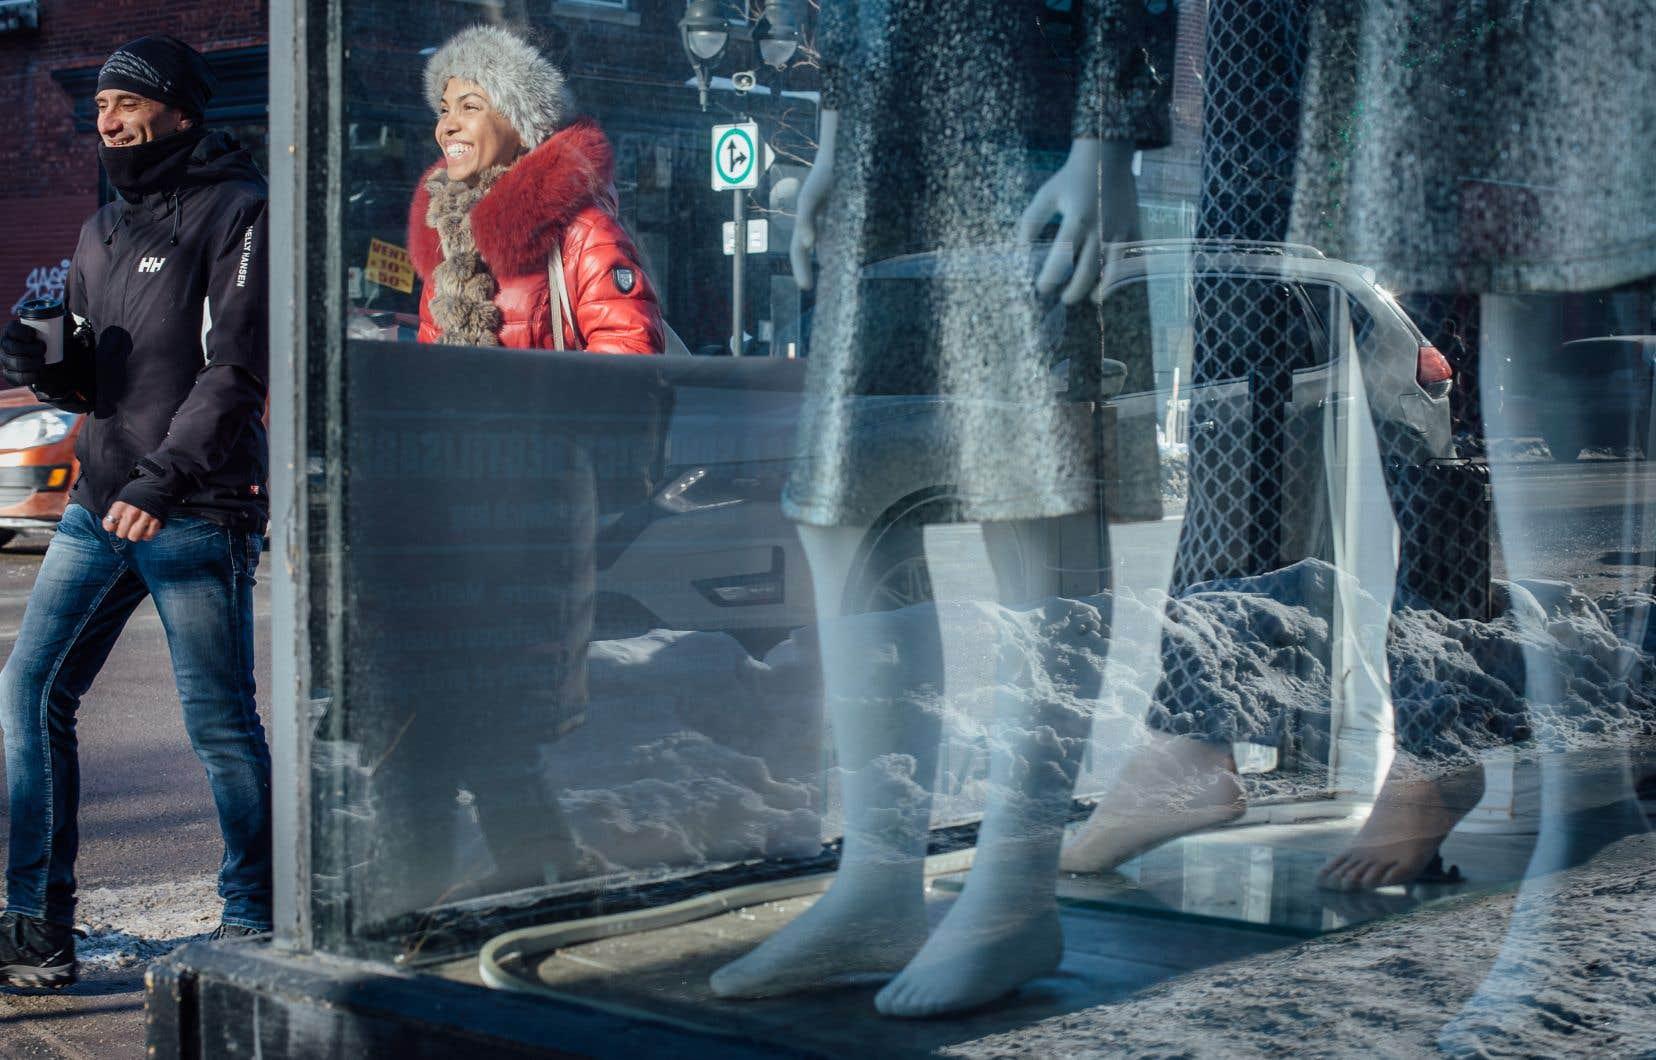 Québec cherche à faire des compromis en envisageant la vente de biens non essentiels.